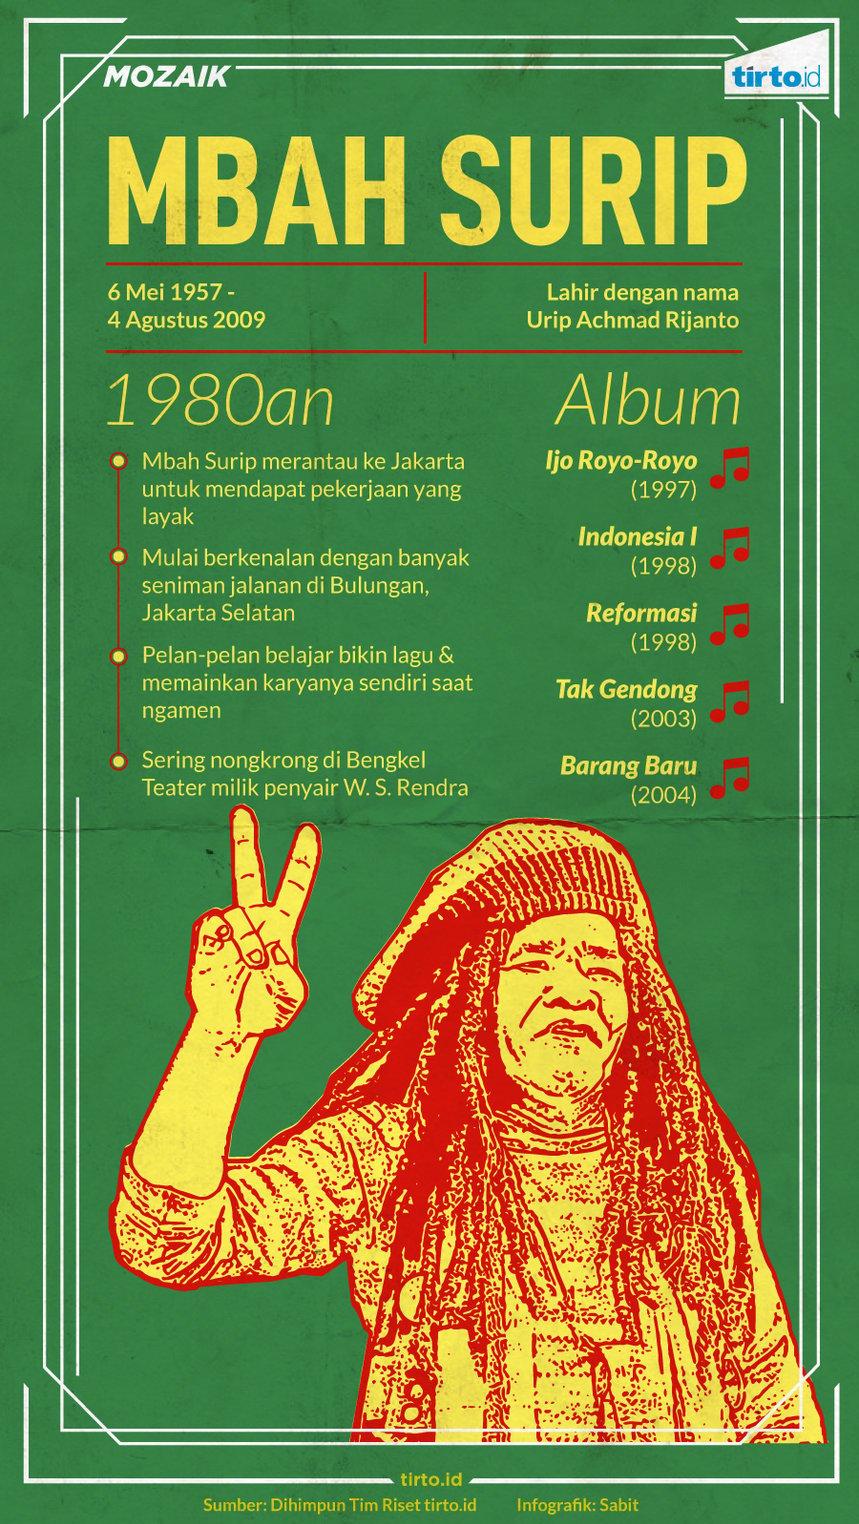 Infografik Mozaik Mbah Surip